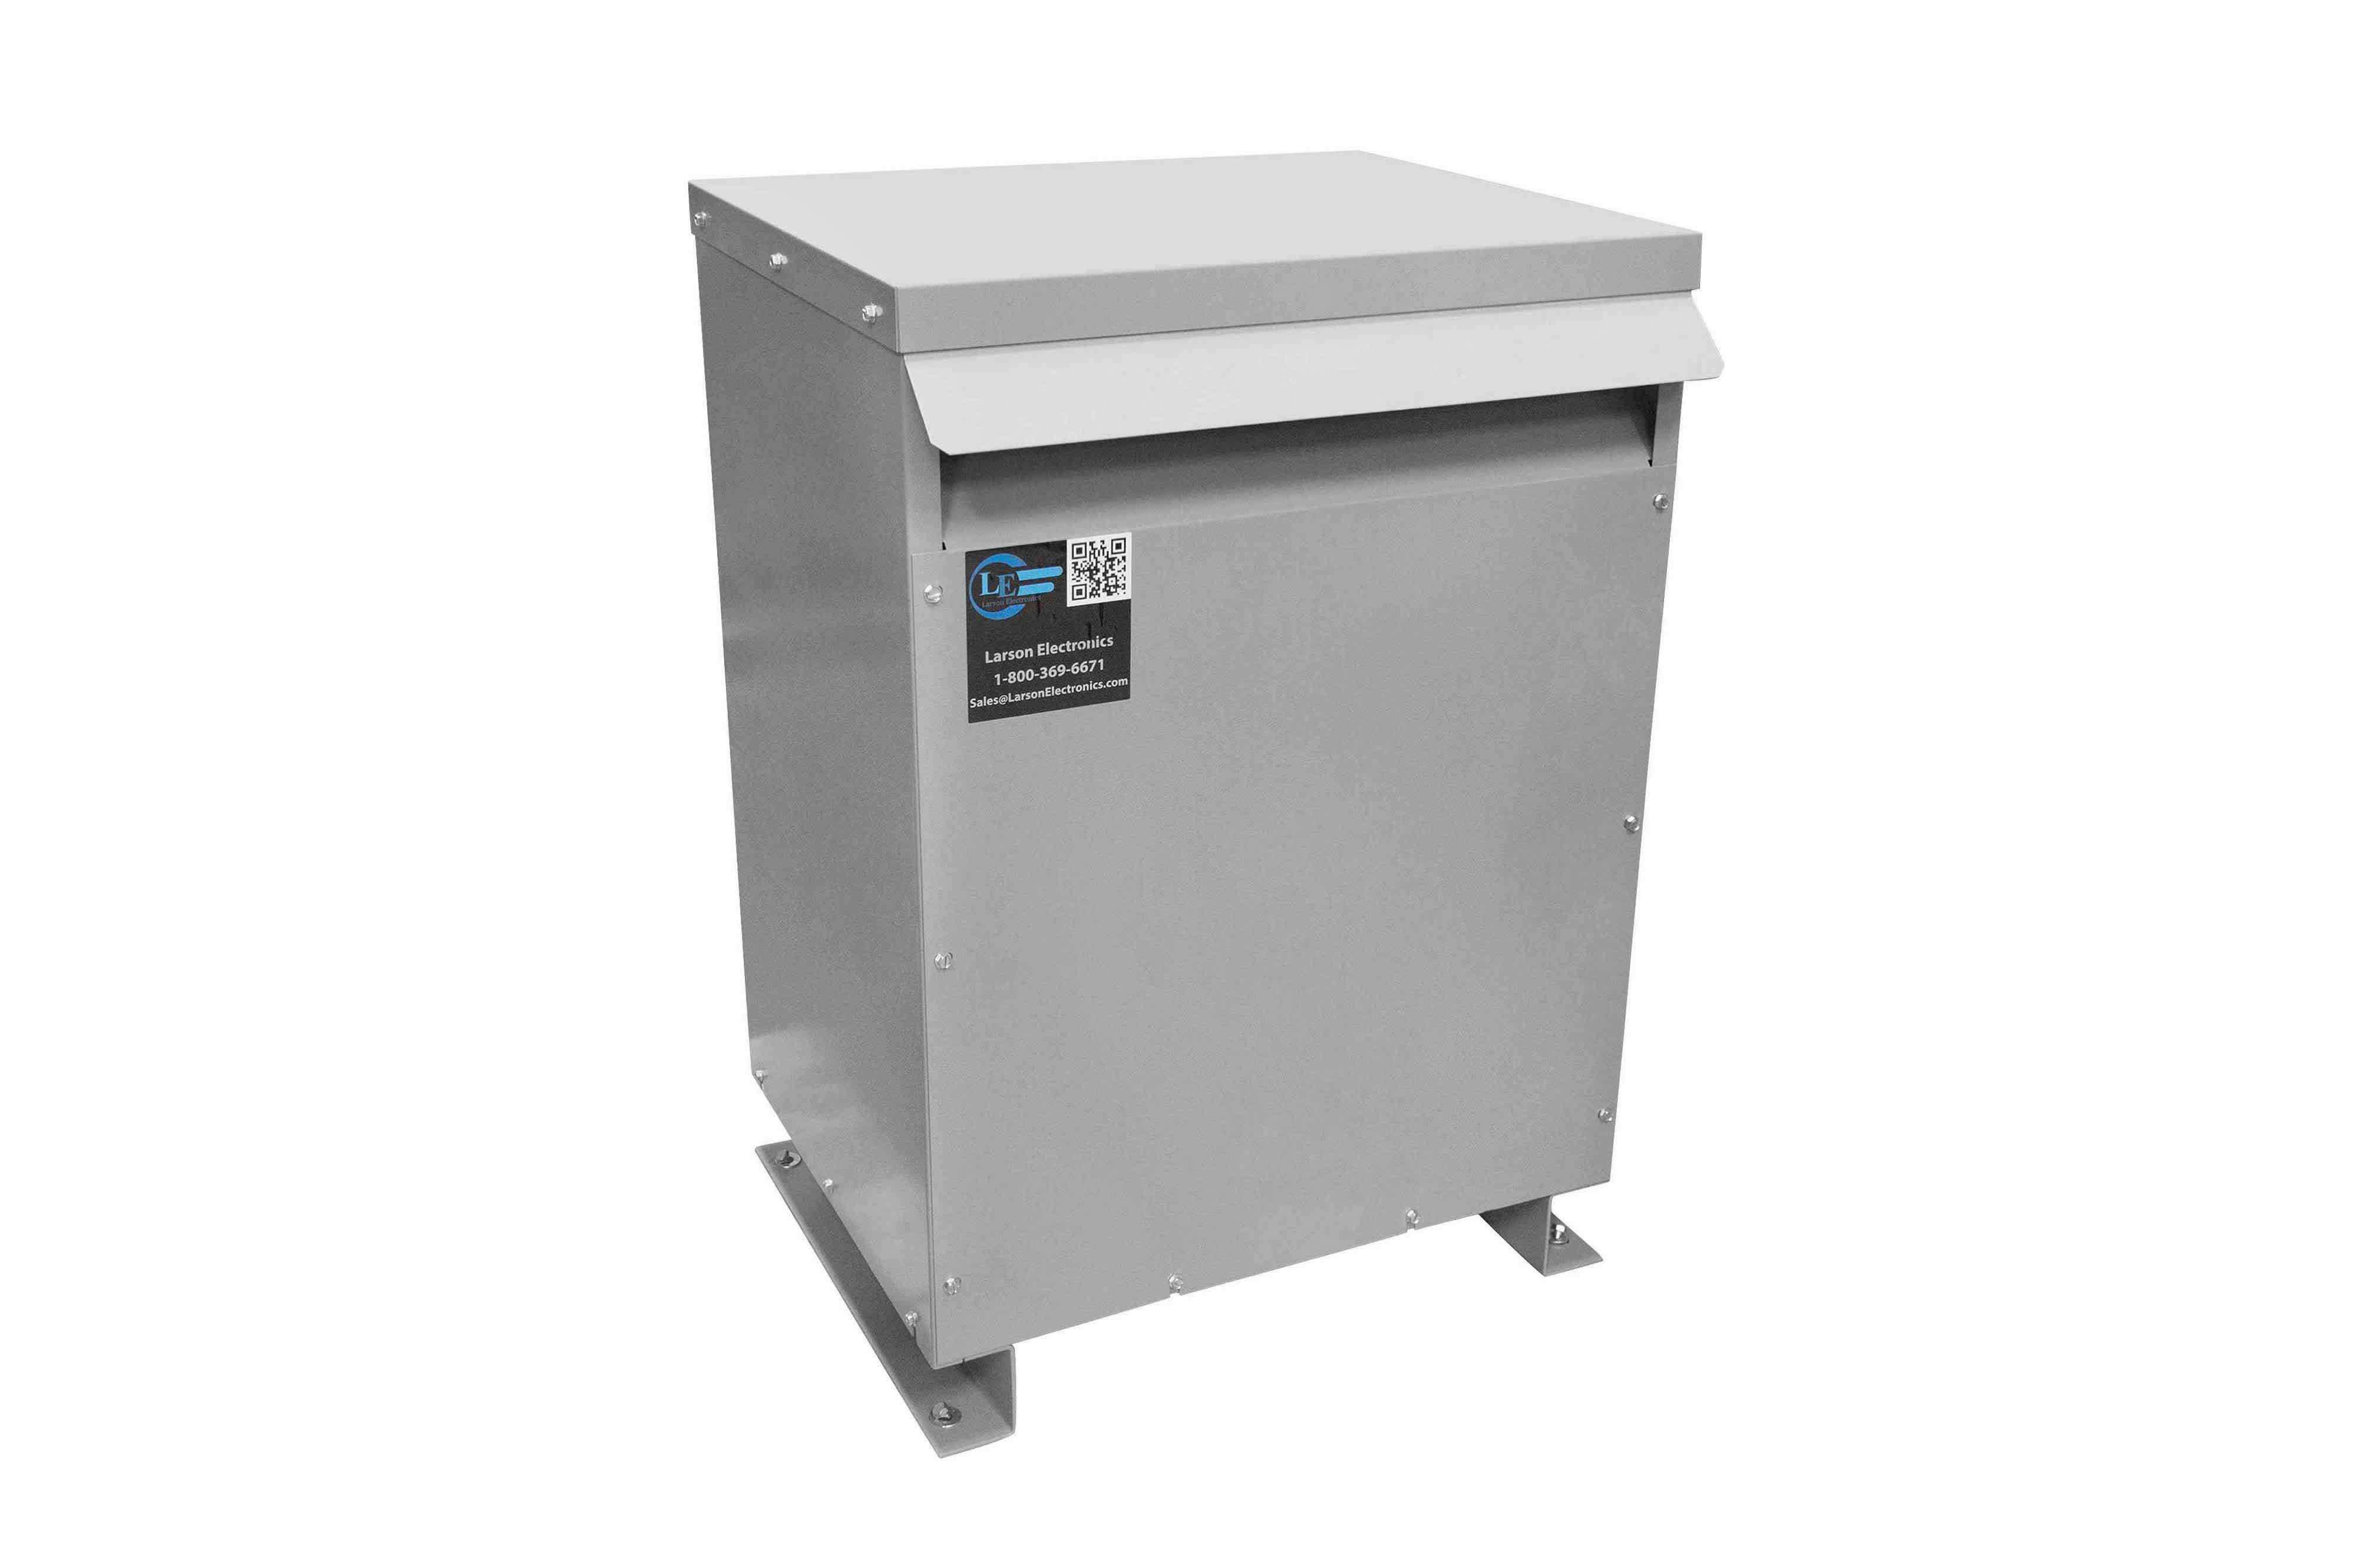 29 kVA 3PH Isolation Transformer, 460V Delta Primary, 380V Delta Secondary, N3R, Ventilated, 60 Hz